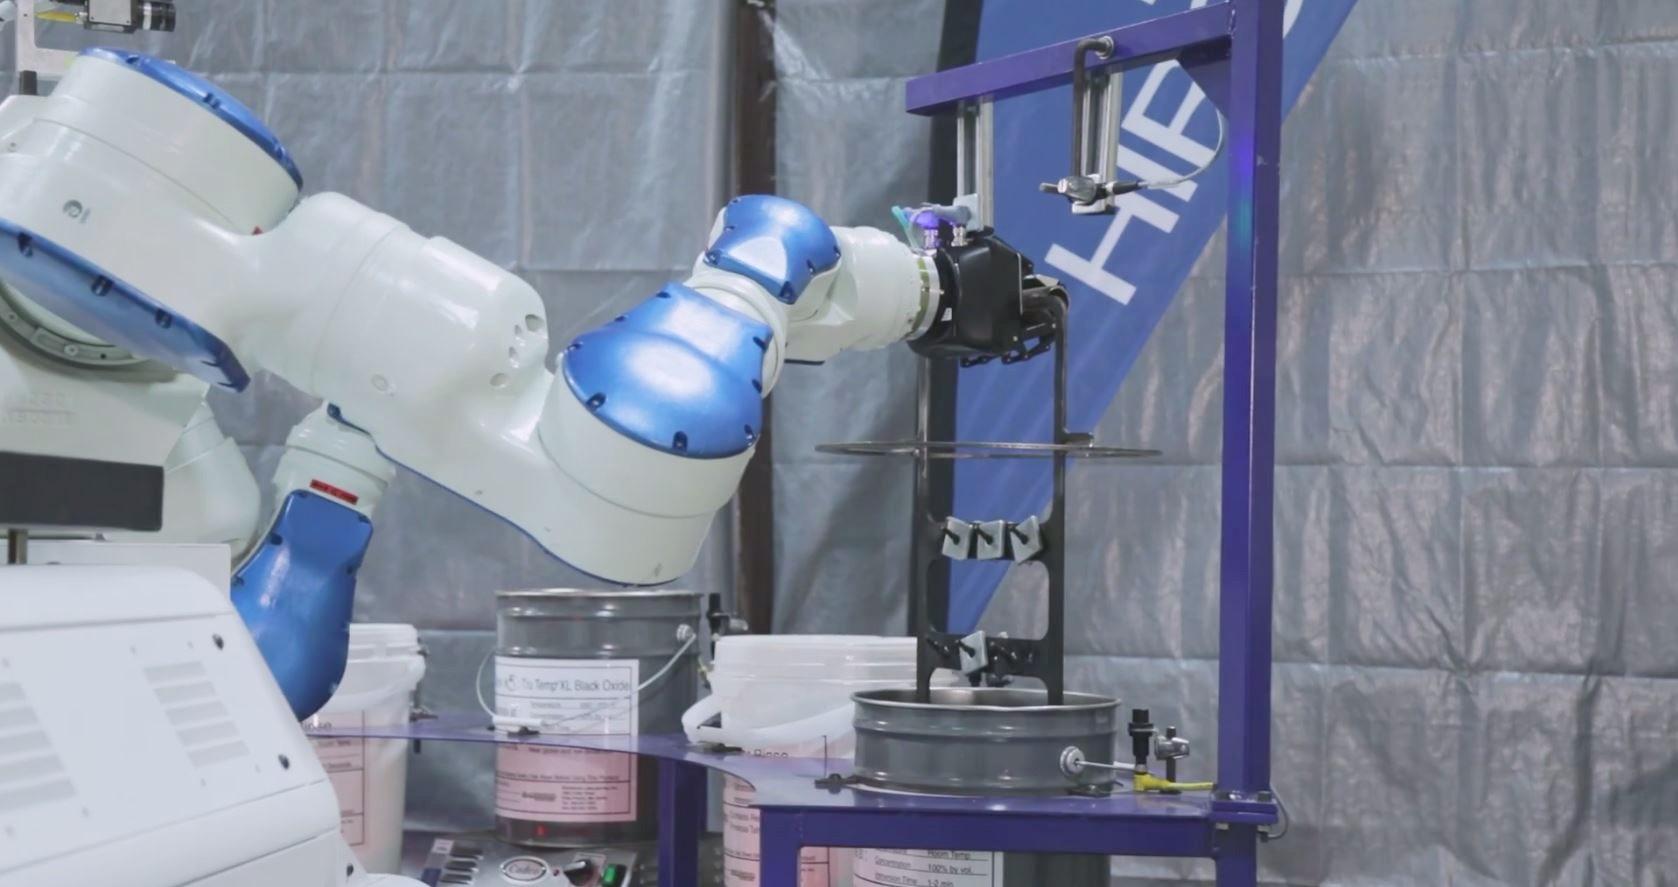 Yaskawa Motoman robot arm